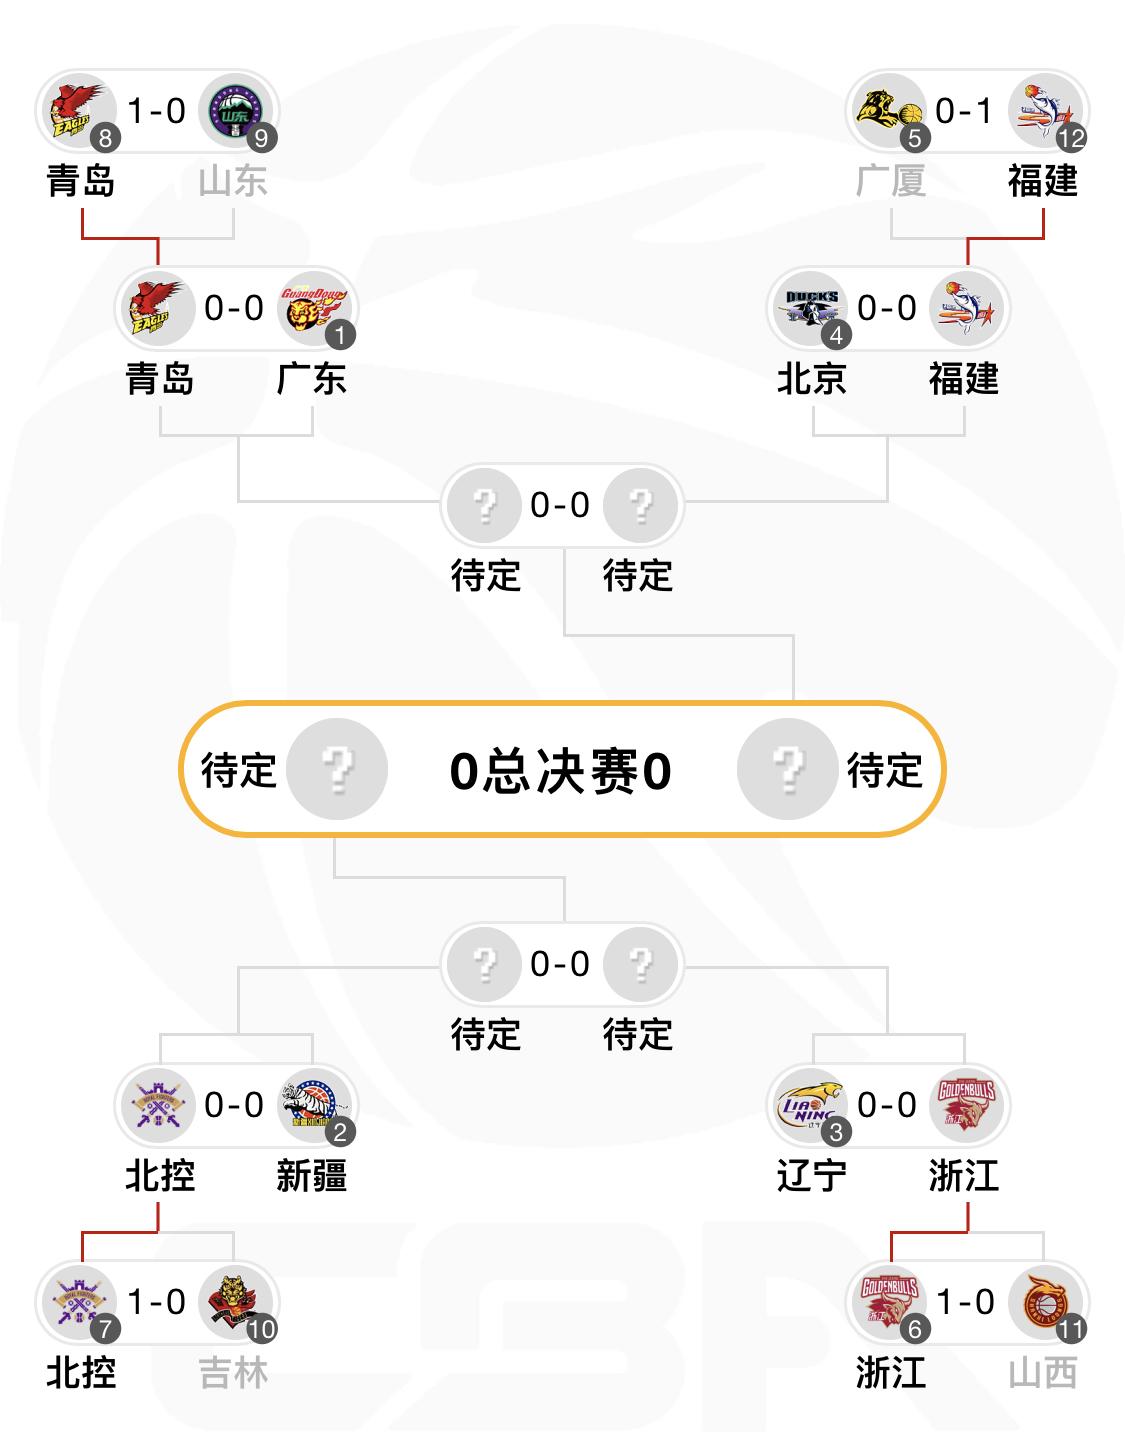 8强对阵出炉:广东VS青岛、新疆VS北控